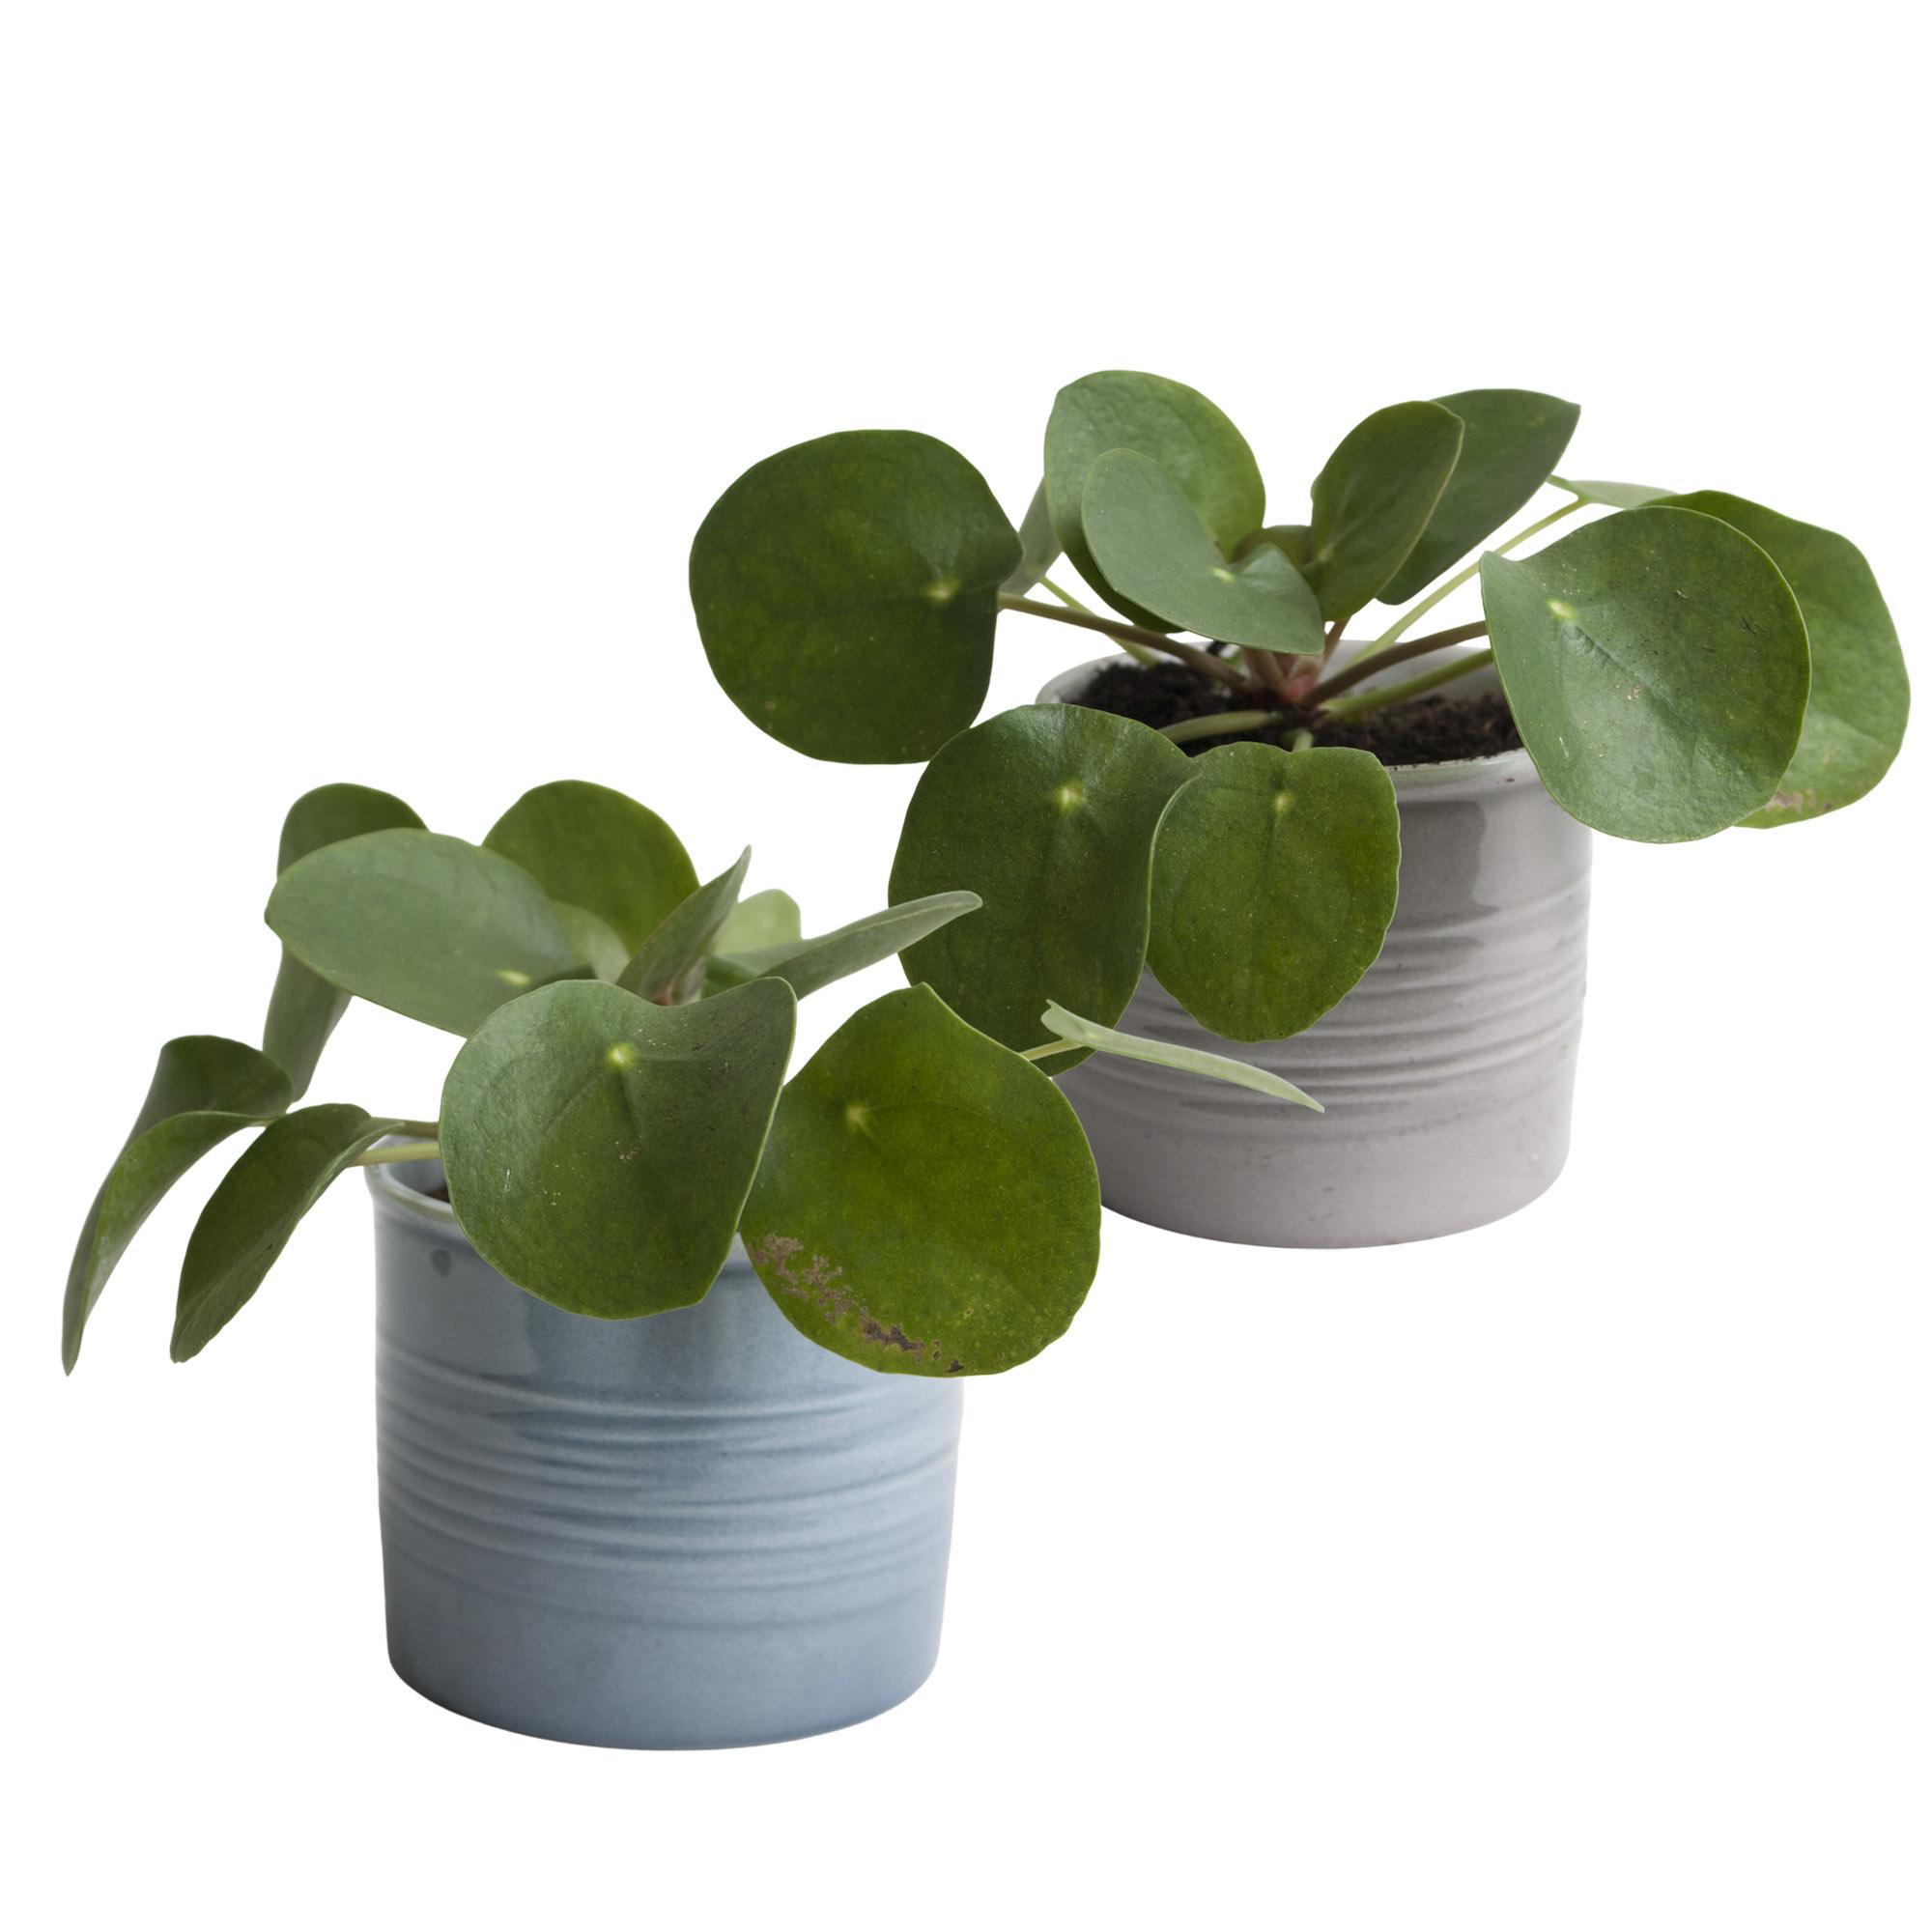 Duo Pannenkoekplant in keramiek (10x12 cm)